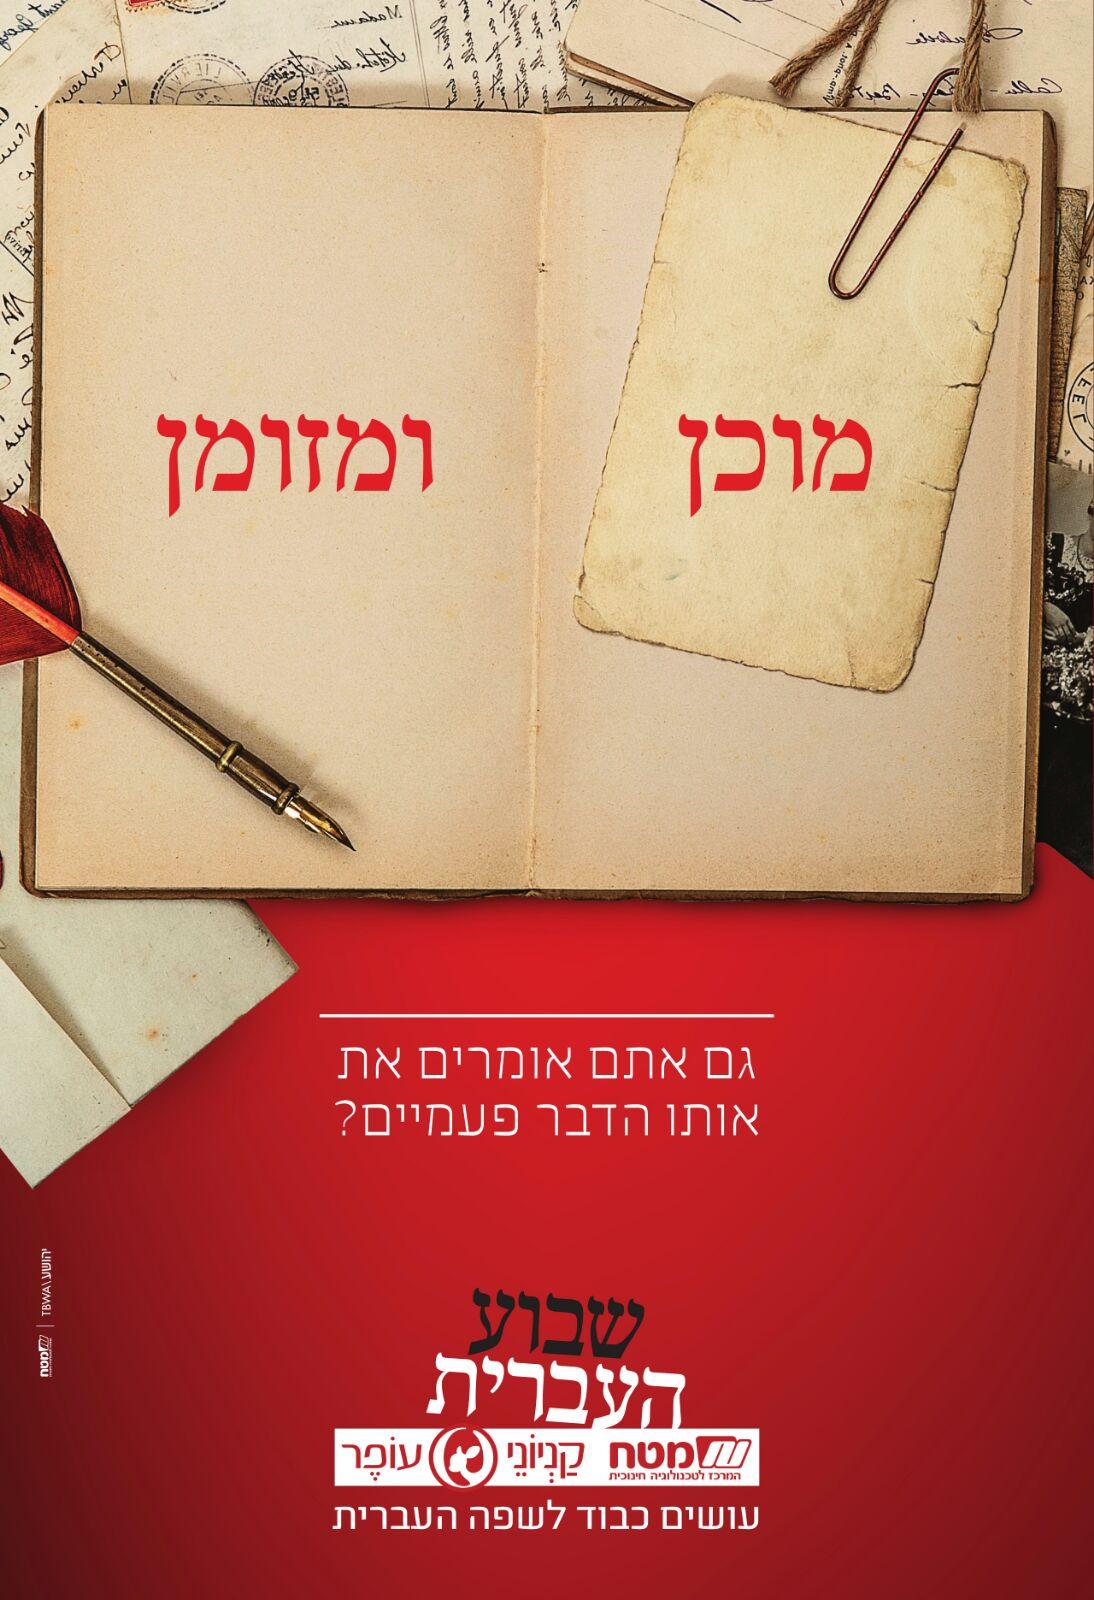 מסע פרסומי המציג את הצדדים המשעשעים של השפה העברית 15